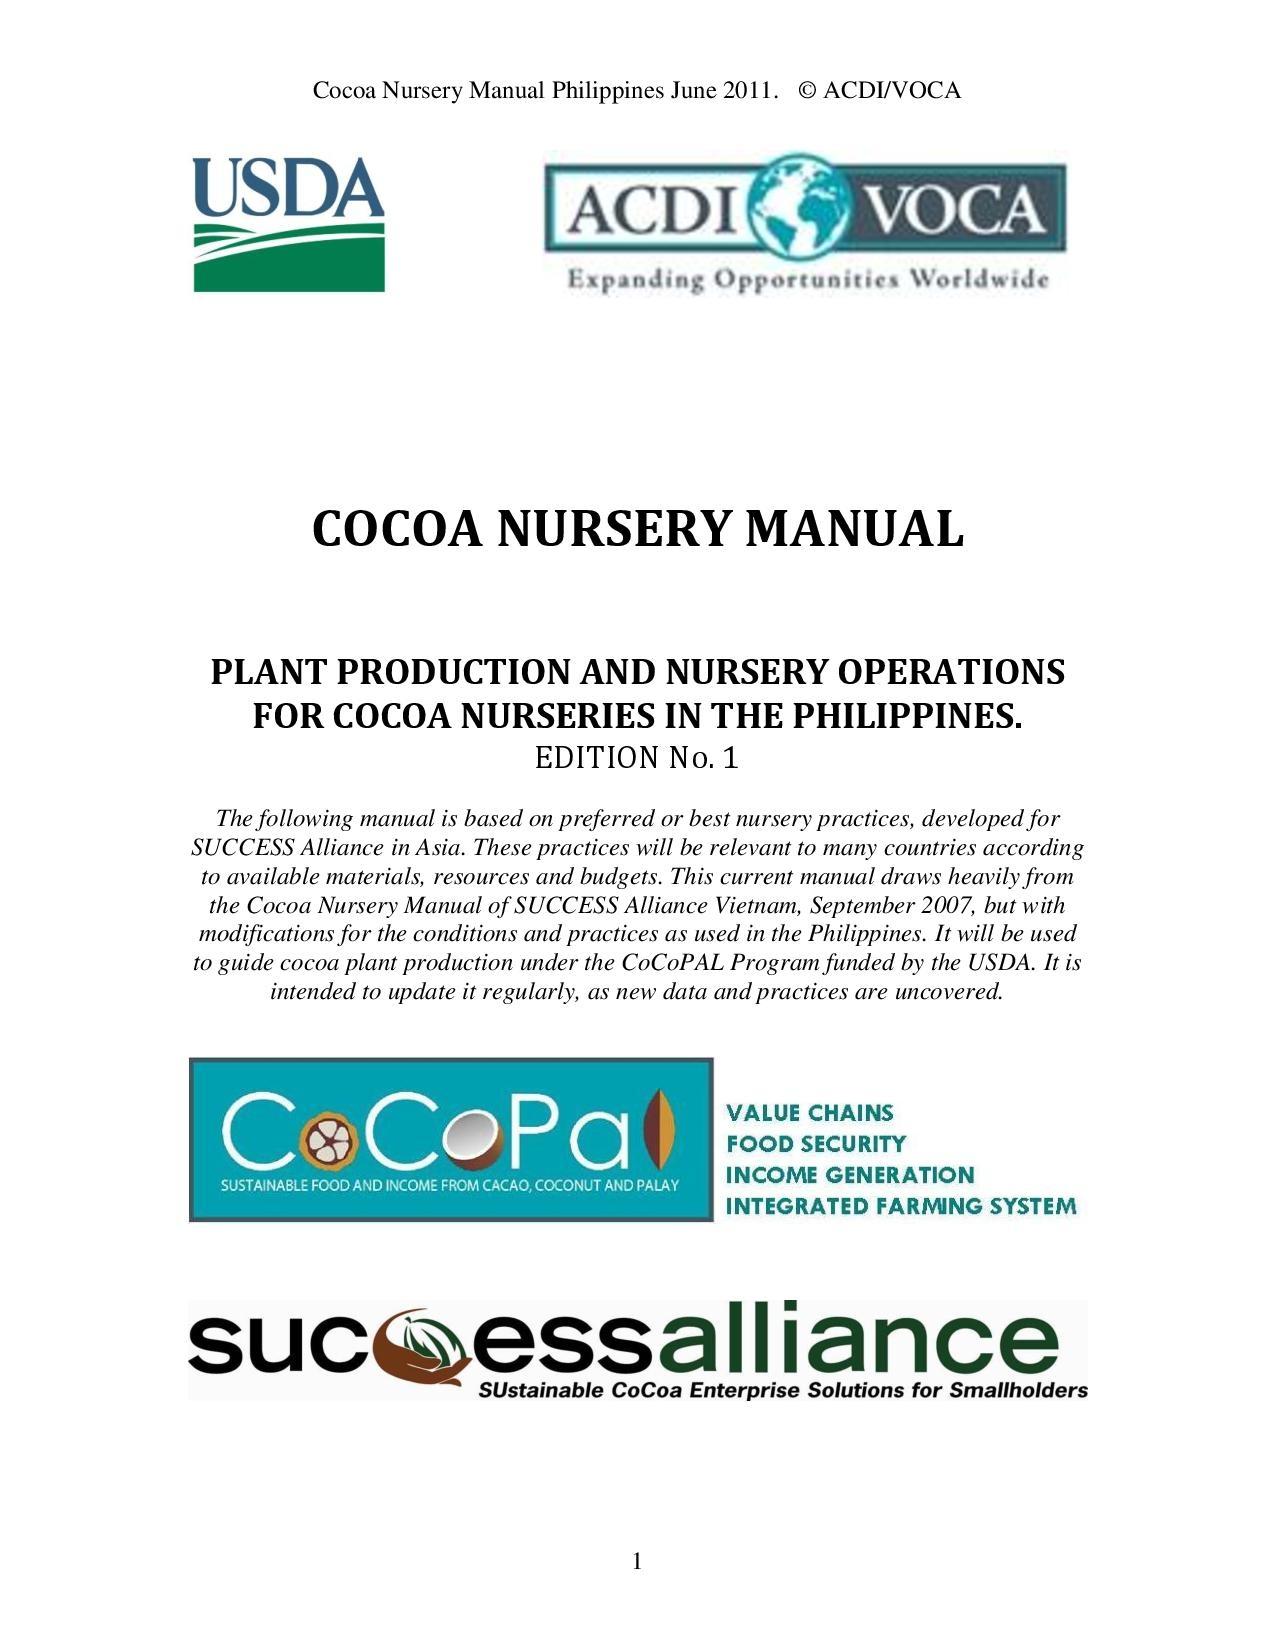 Cocoa-Nursery-Manual-2011_acdi-voca-page-001